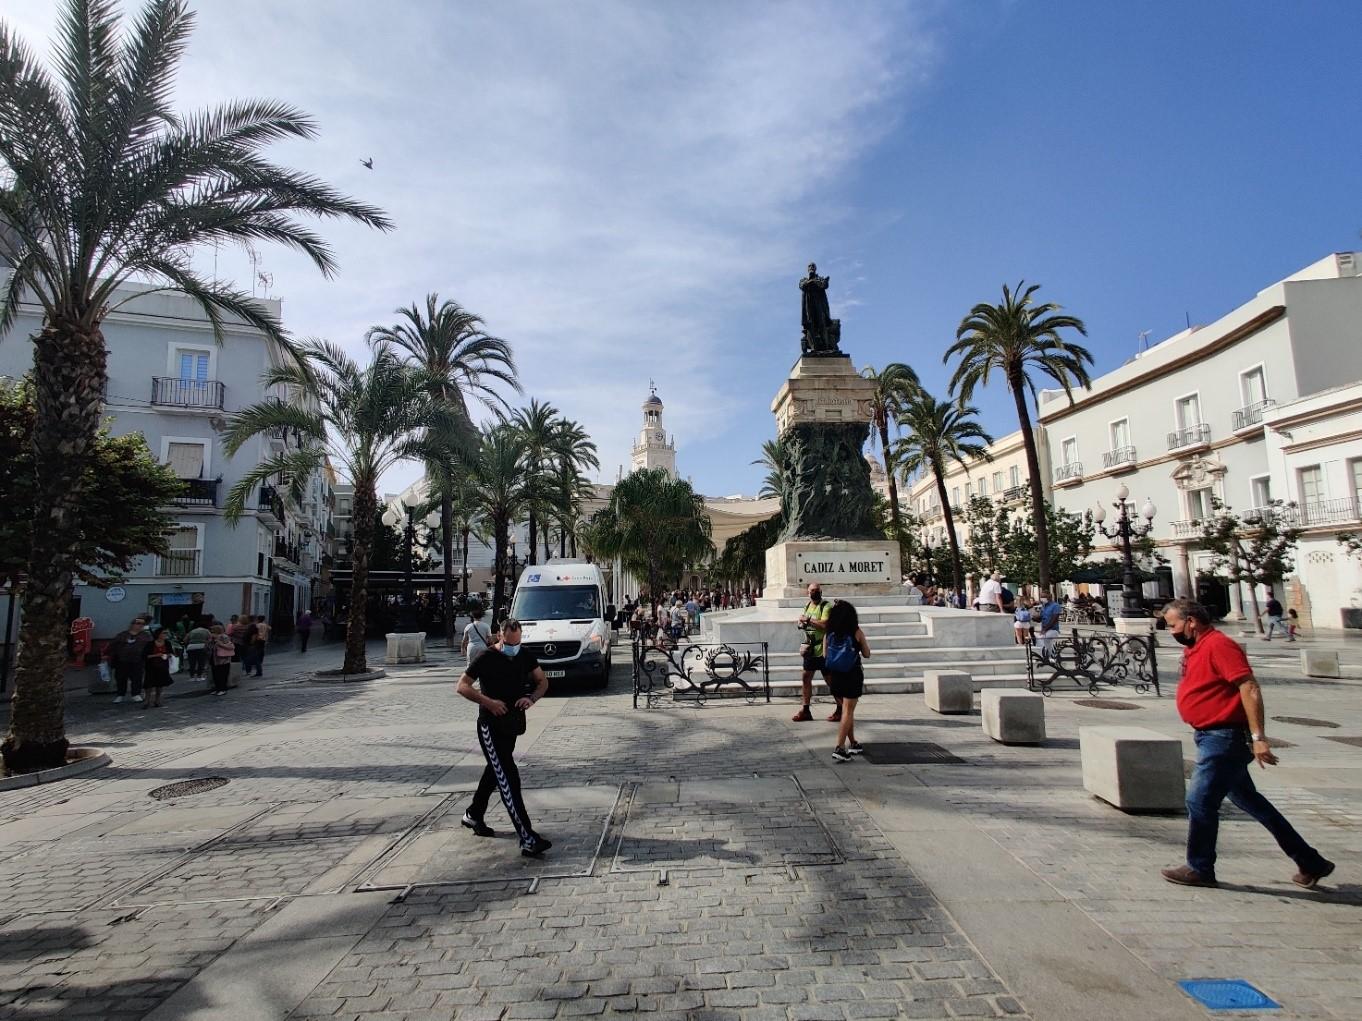 Aukio, jonka keskellä iso ihmistä muistuttava patsas. Ympärillä muutamia ihmisiä. Aukion laidalla palmupuita ja rakennuksia.